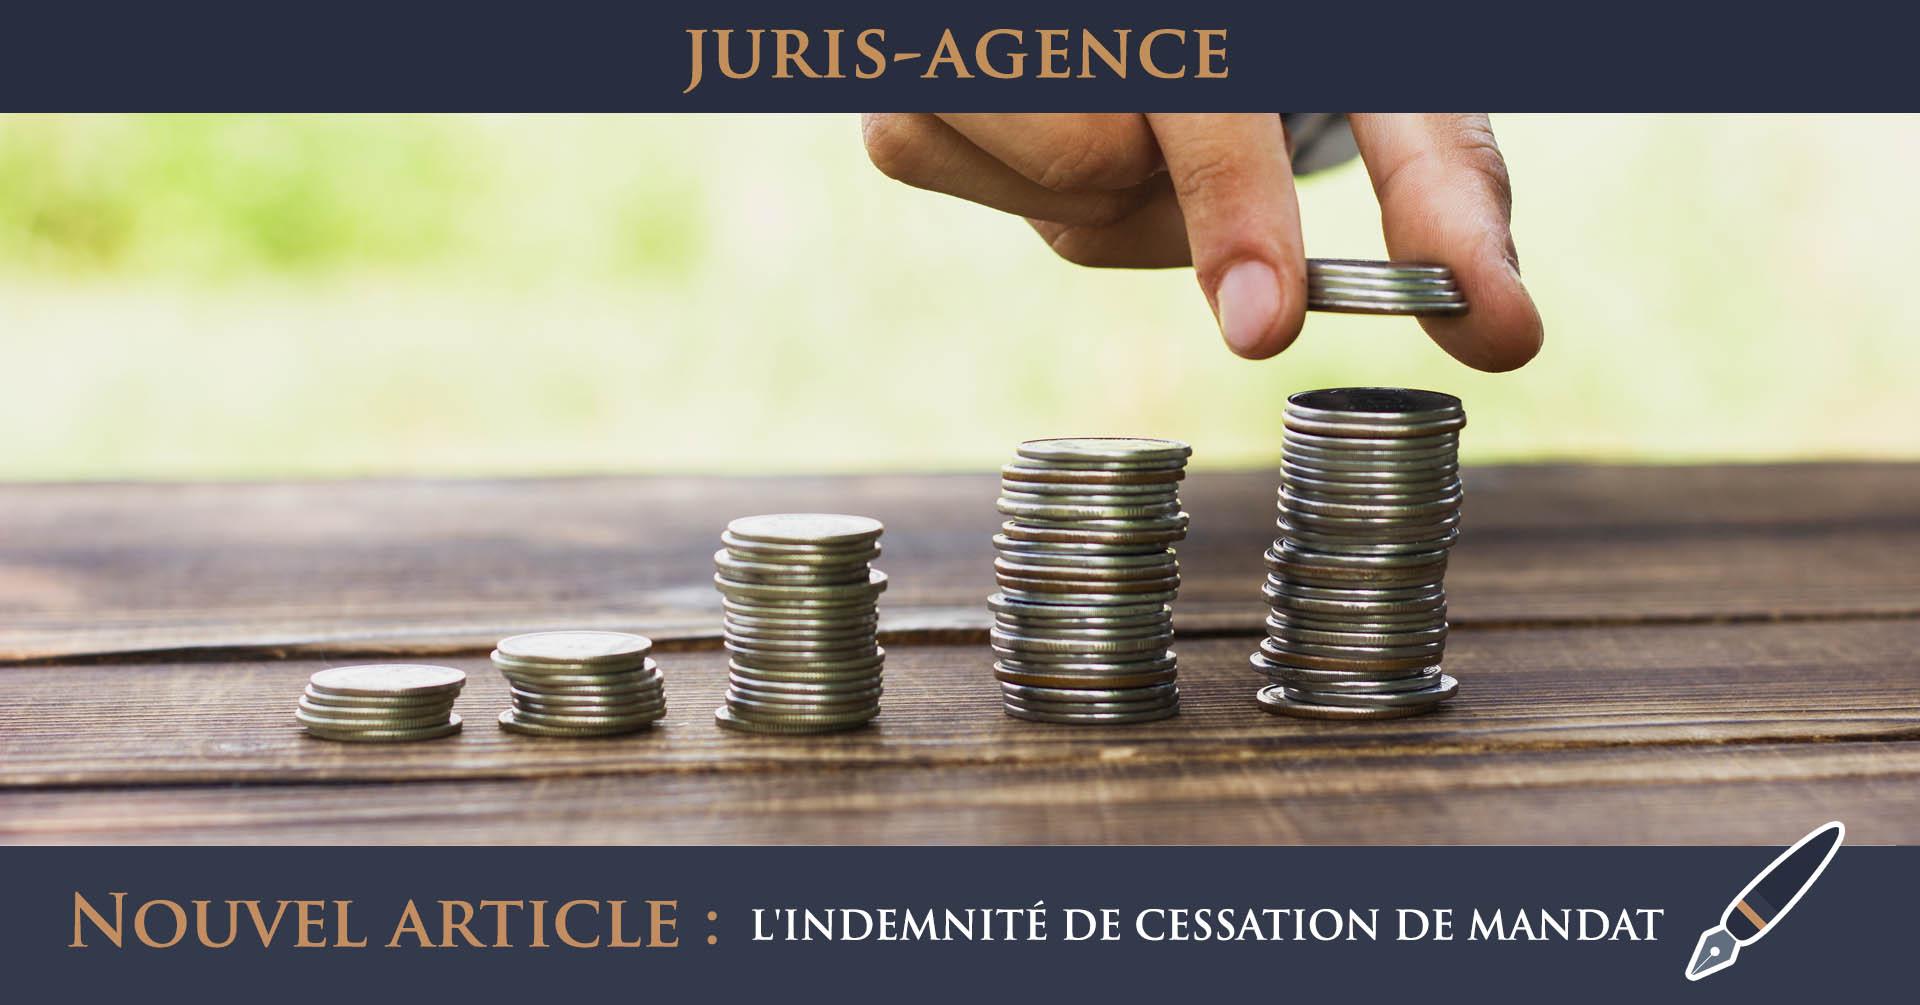 PILE DE MONNAIE indemnité cessation de mandat agent commercial